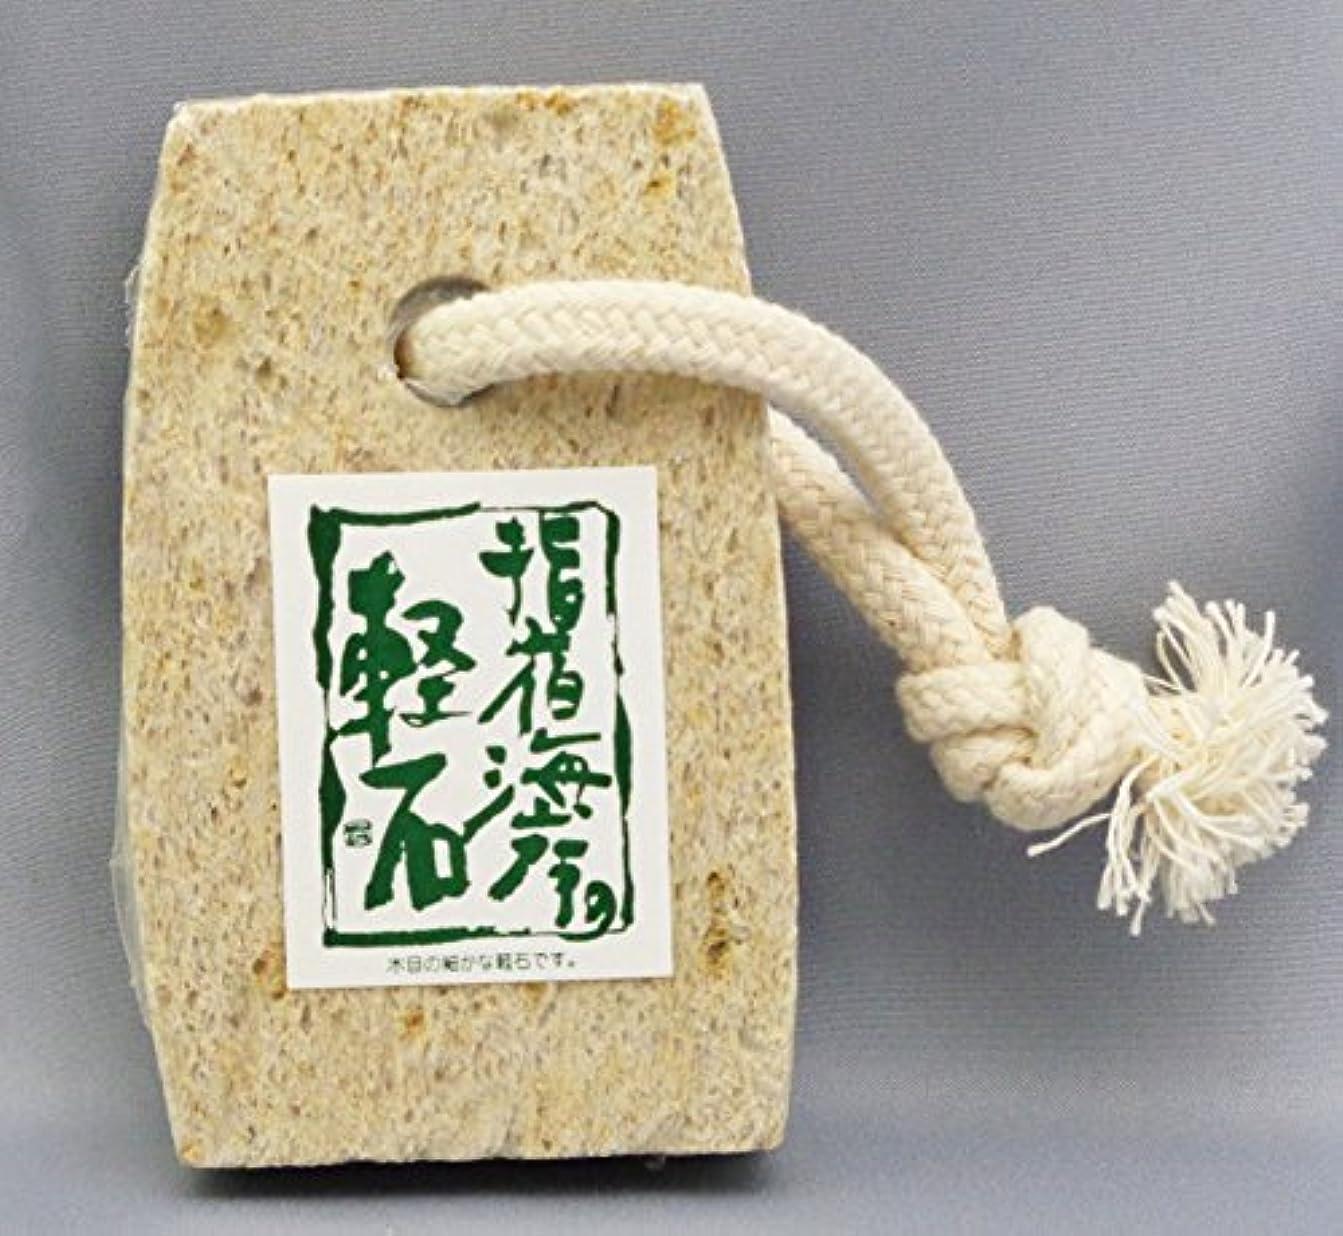 スクレーパーアルカトラズ島クスコシオザキ No.3 中判軽石 (ヒモ付き)指宿の軽石